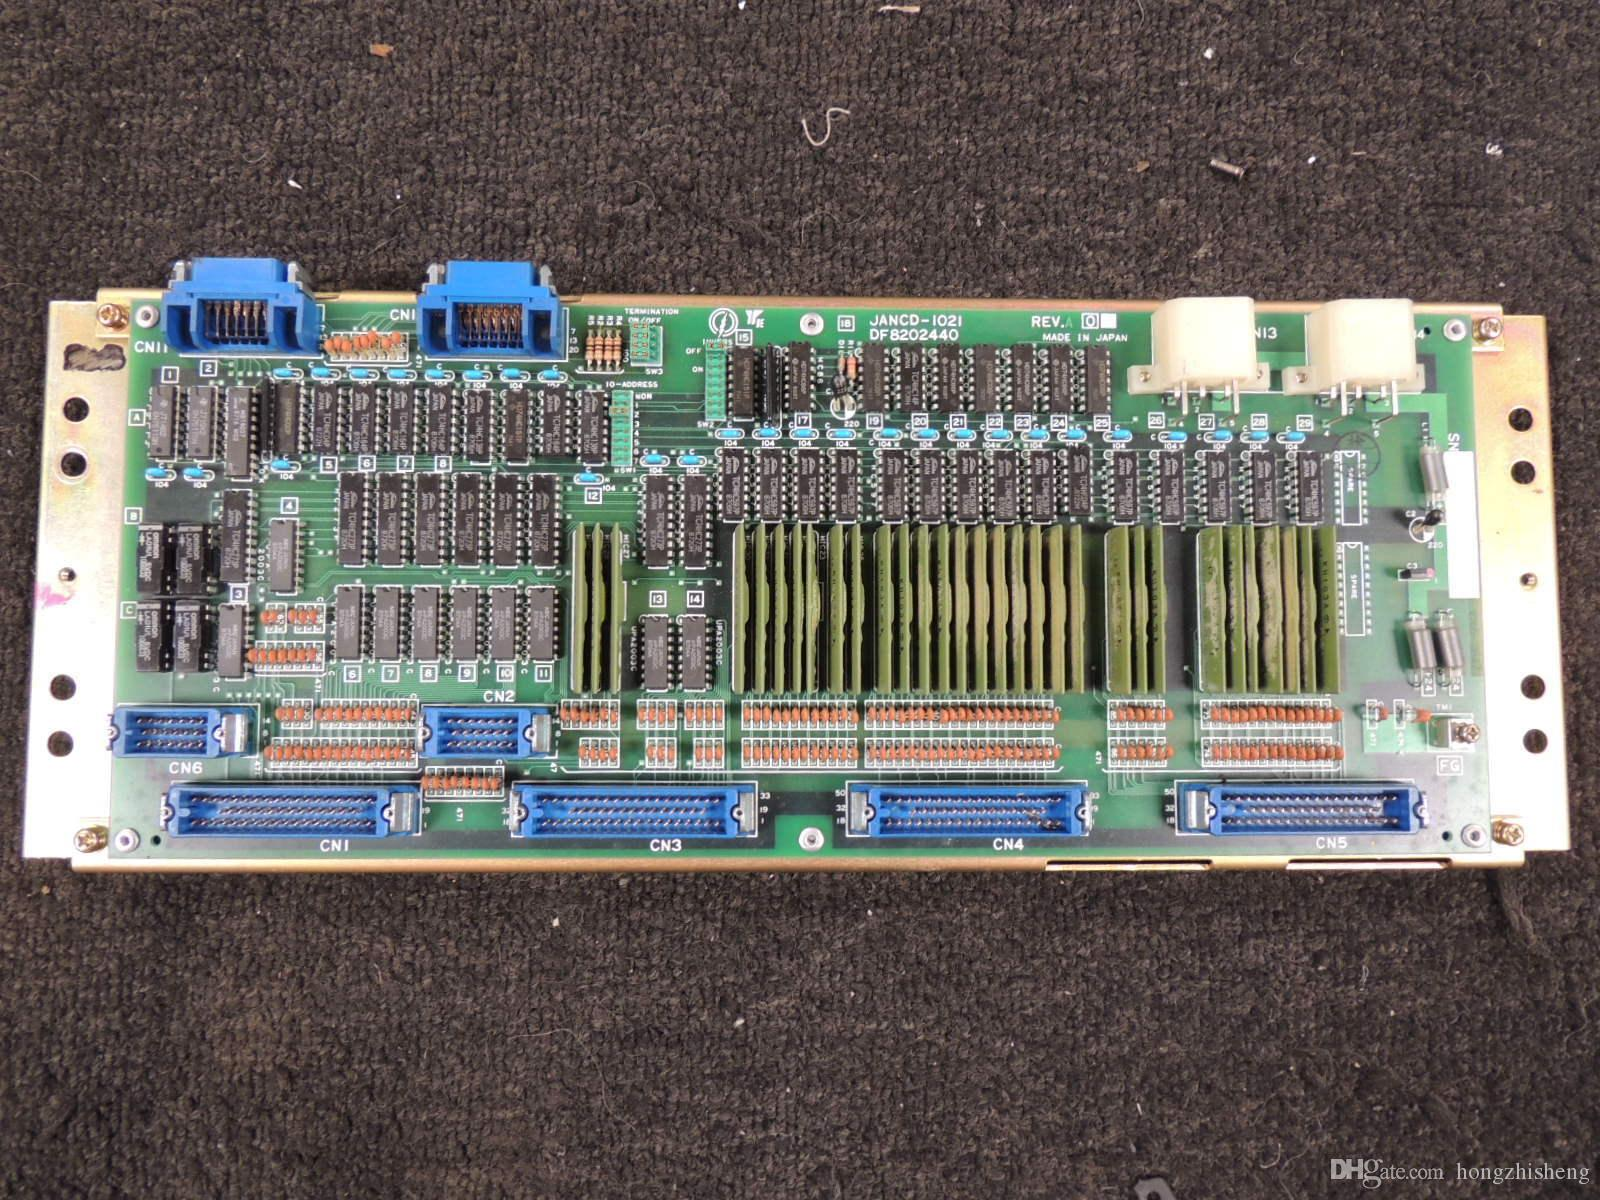 YASNAC YASAKAWA BOARD JANCD-1021 JANCD 1021 JANCD1021 REV DF8202440